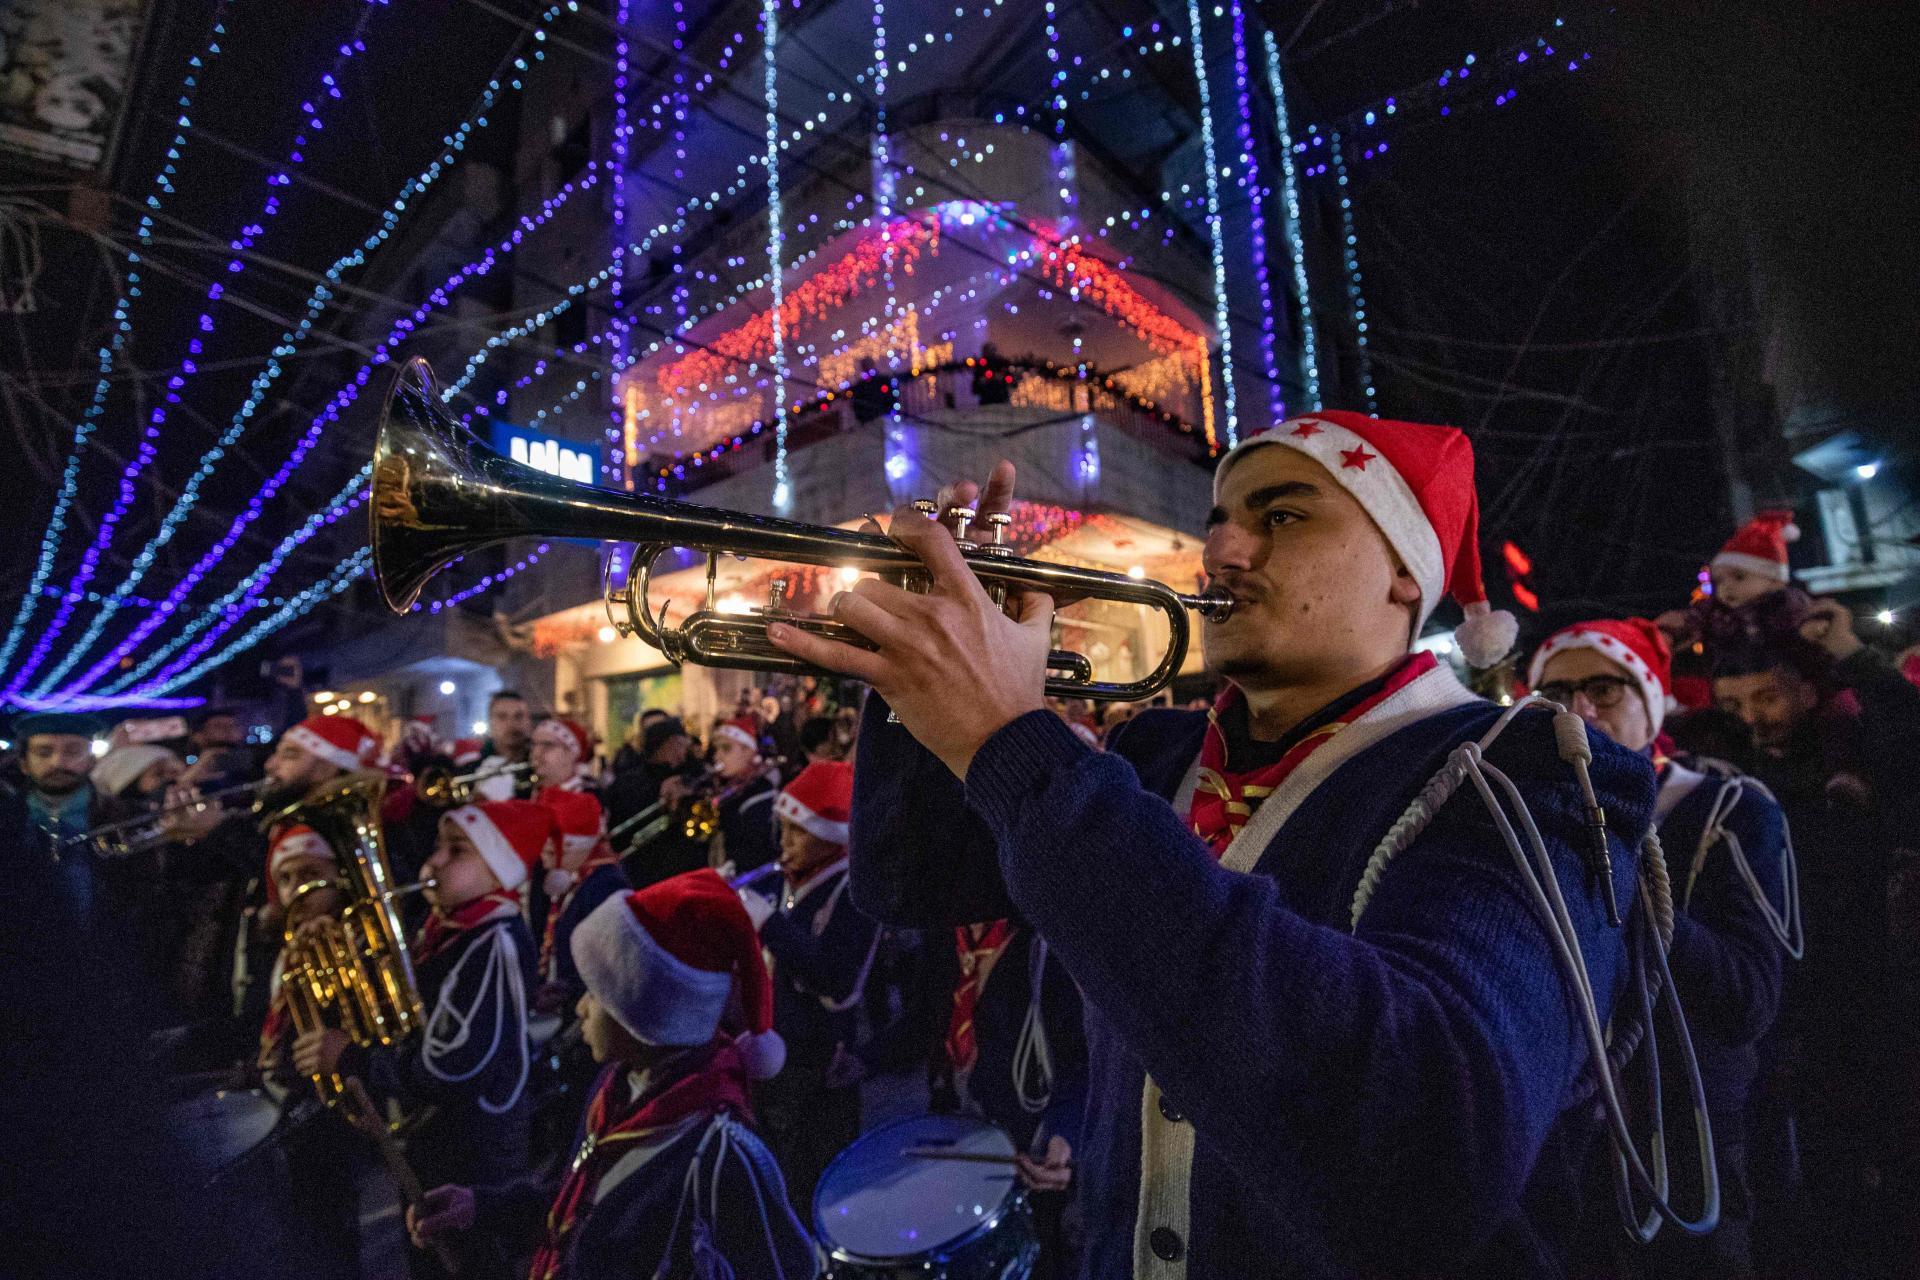 Une fanfare participe aux célébrations de Noël àKamechliyé, dans le Kurdistan syrien.